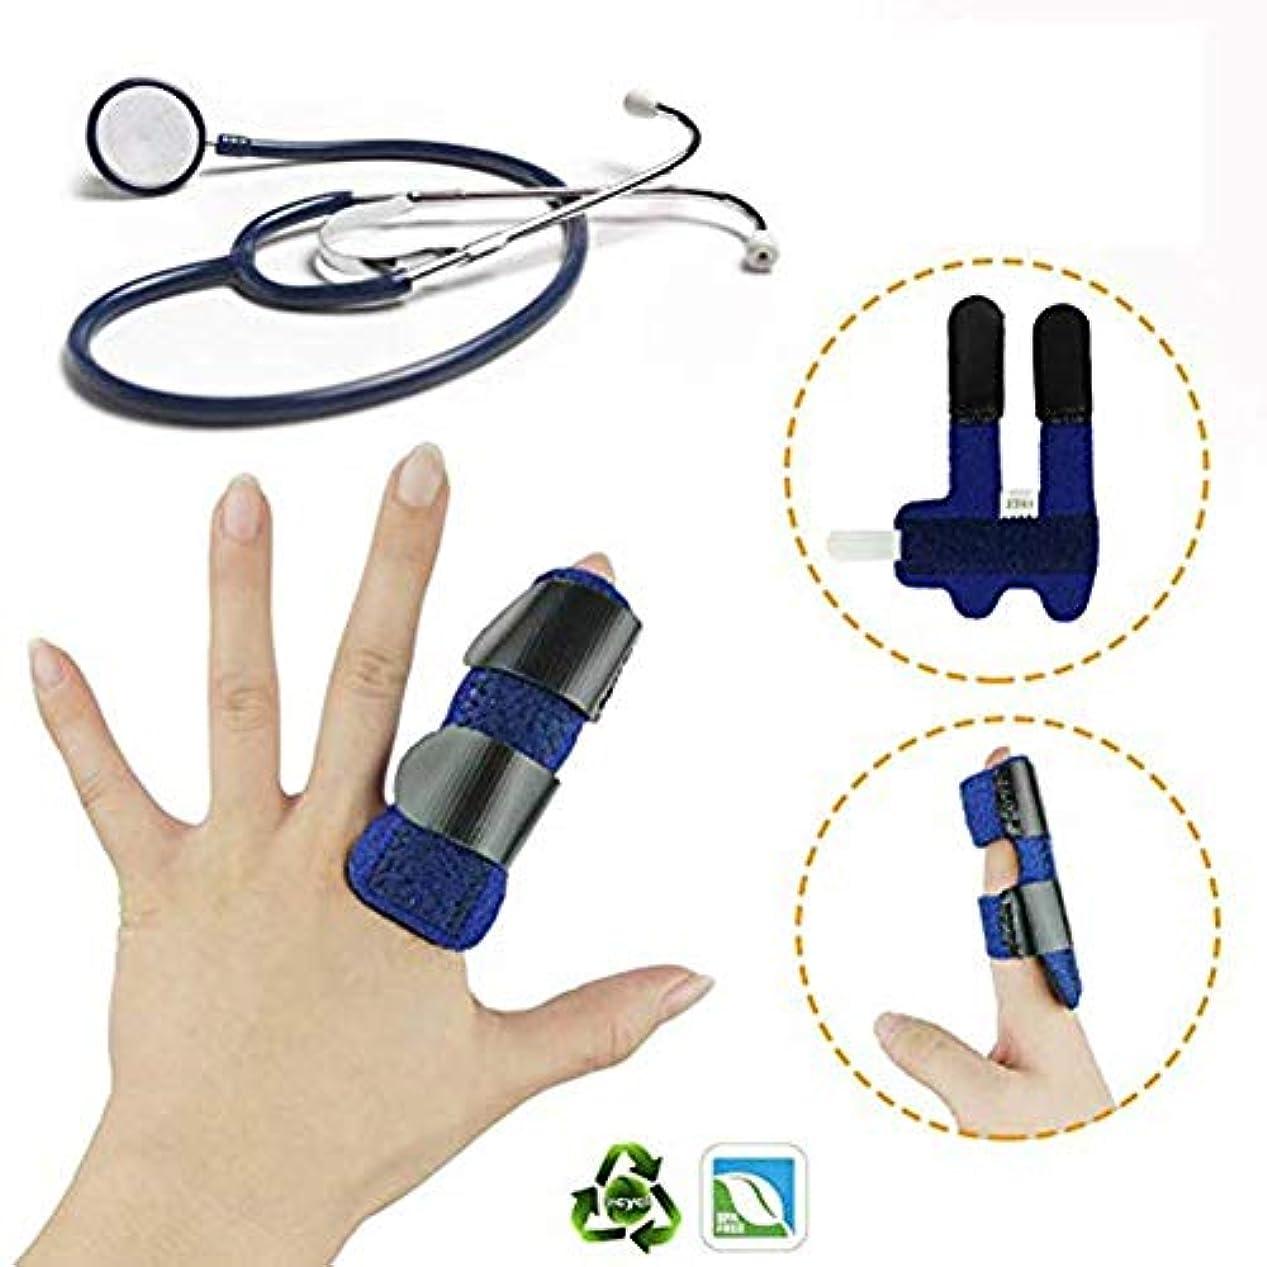 スピーチのれん行為内蔵アルミ関節痛、関節炎のために調整可能なスプリント、ばね指、マレットスプリント、サポートブレース、イモビライザーを、指、任意の指にフィット。